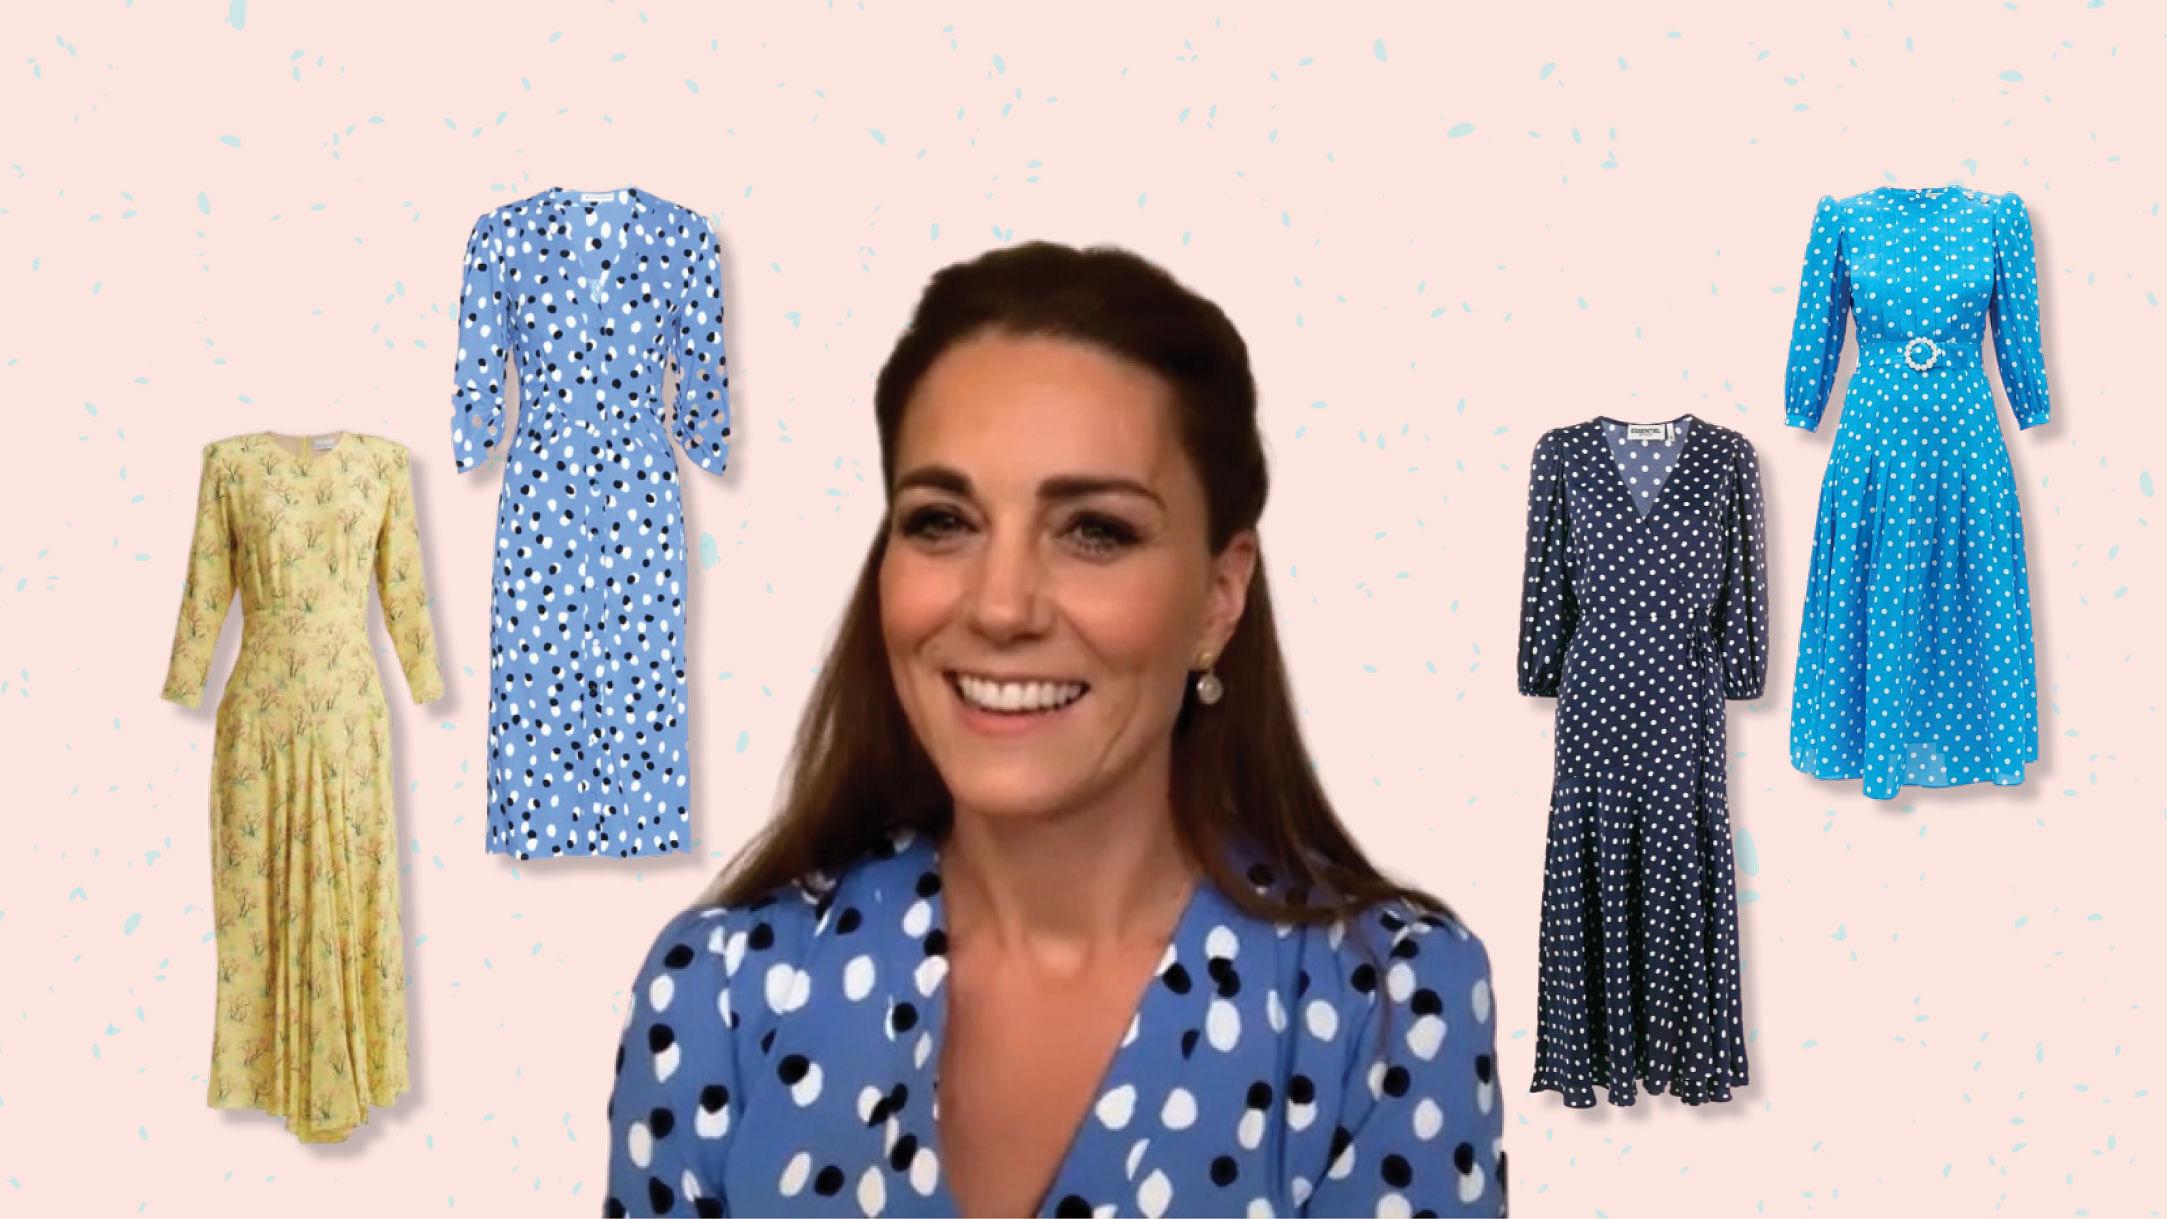 Kate Middleton zoom call fashion